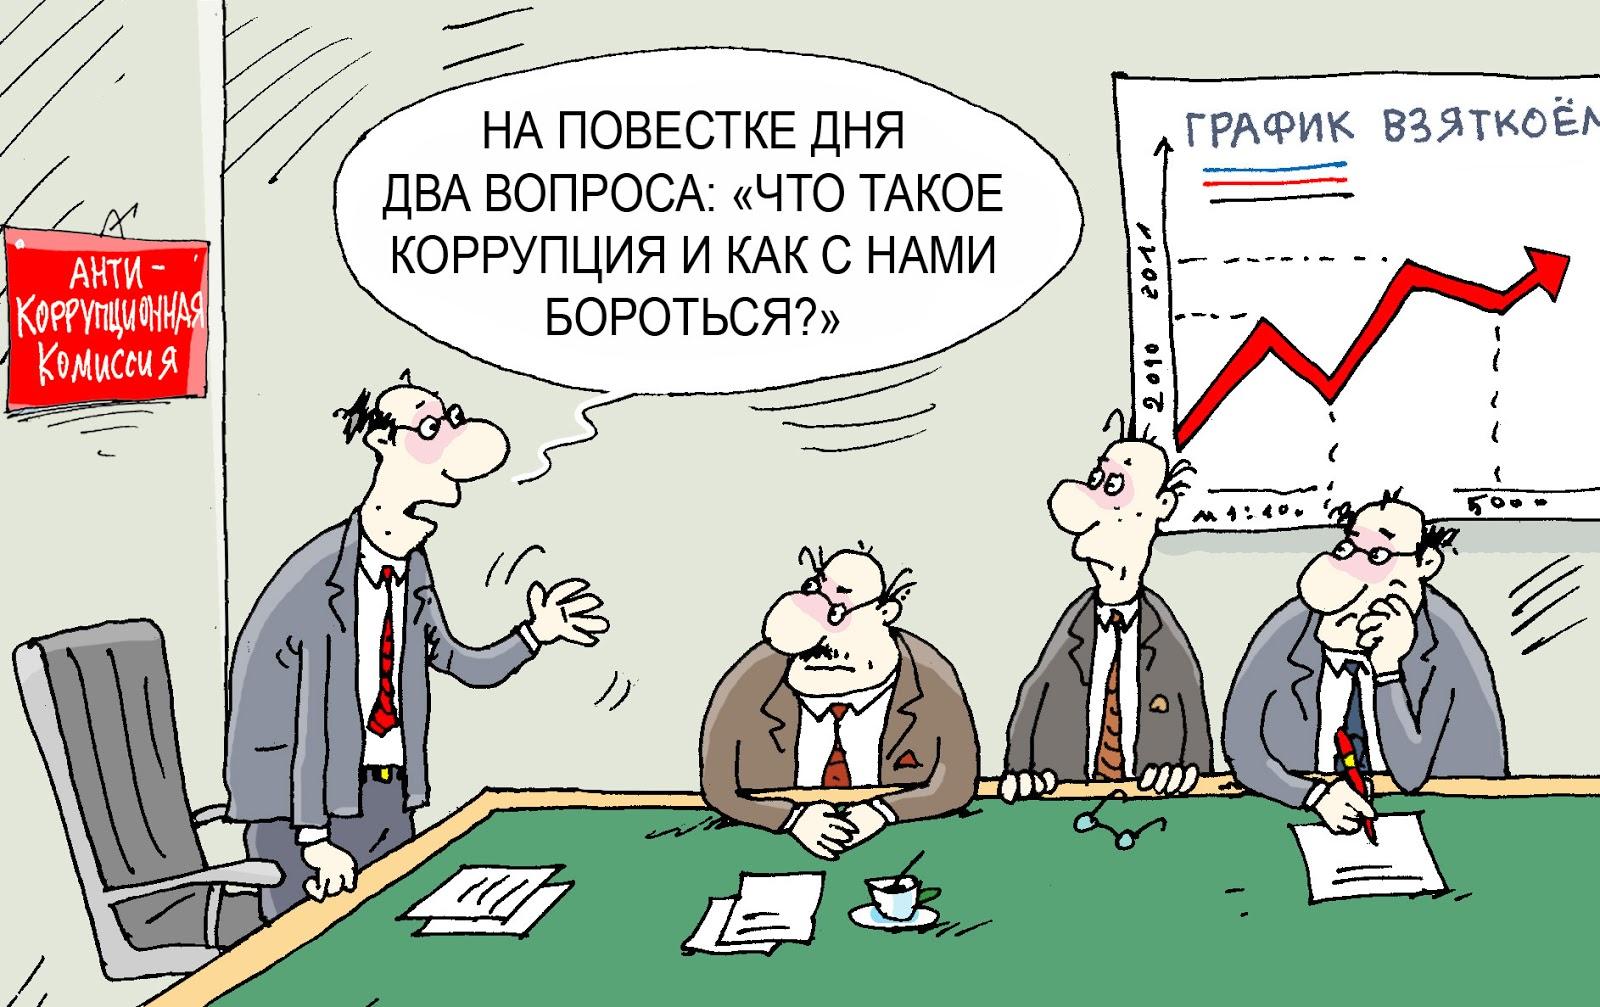 Коррупция и взяточничество несут угрозу для нашей государственности, - Гройсман - Цензор.НЕТ 947